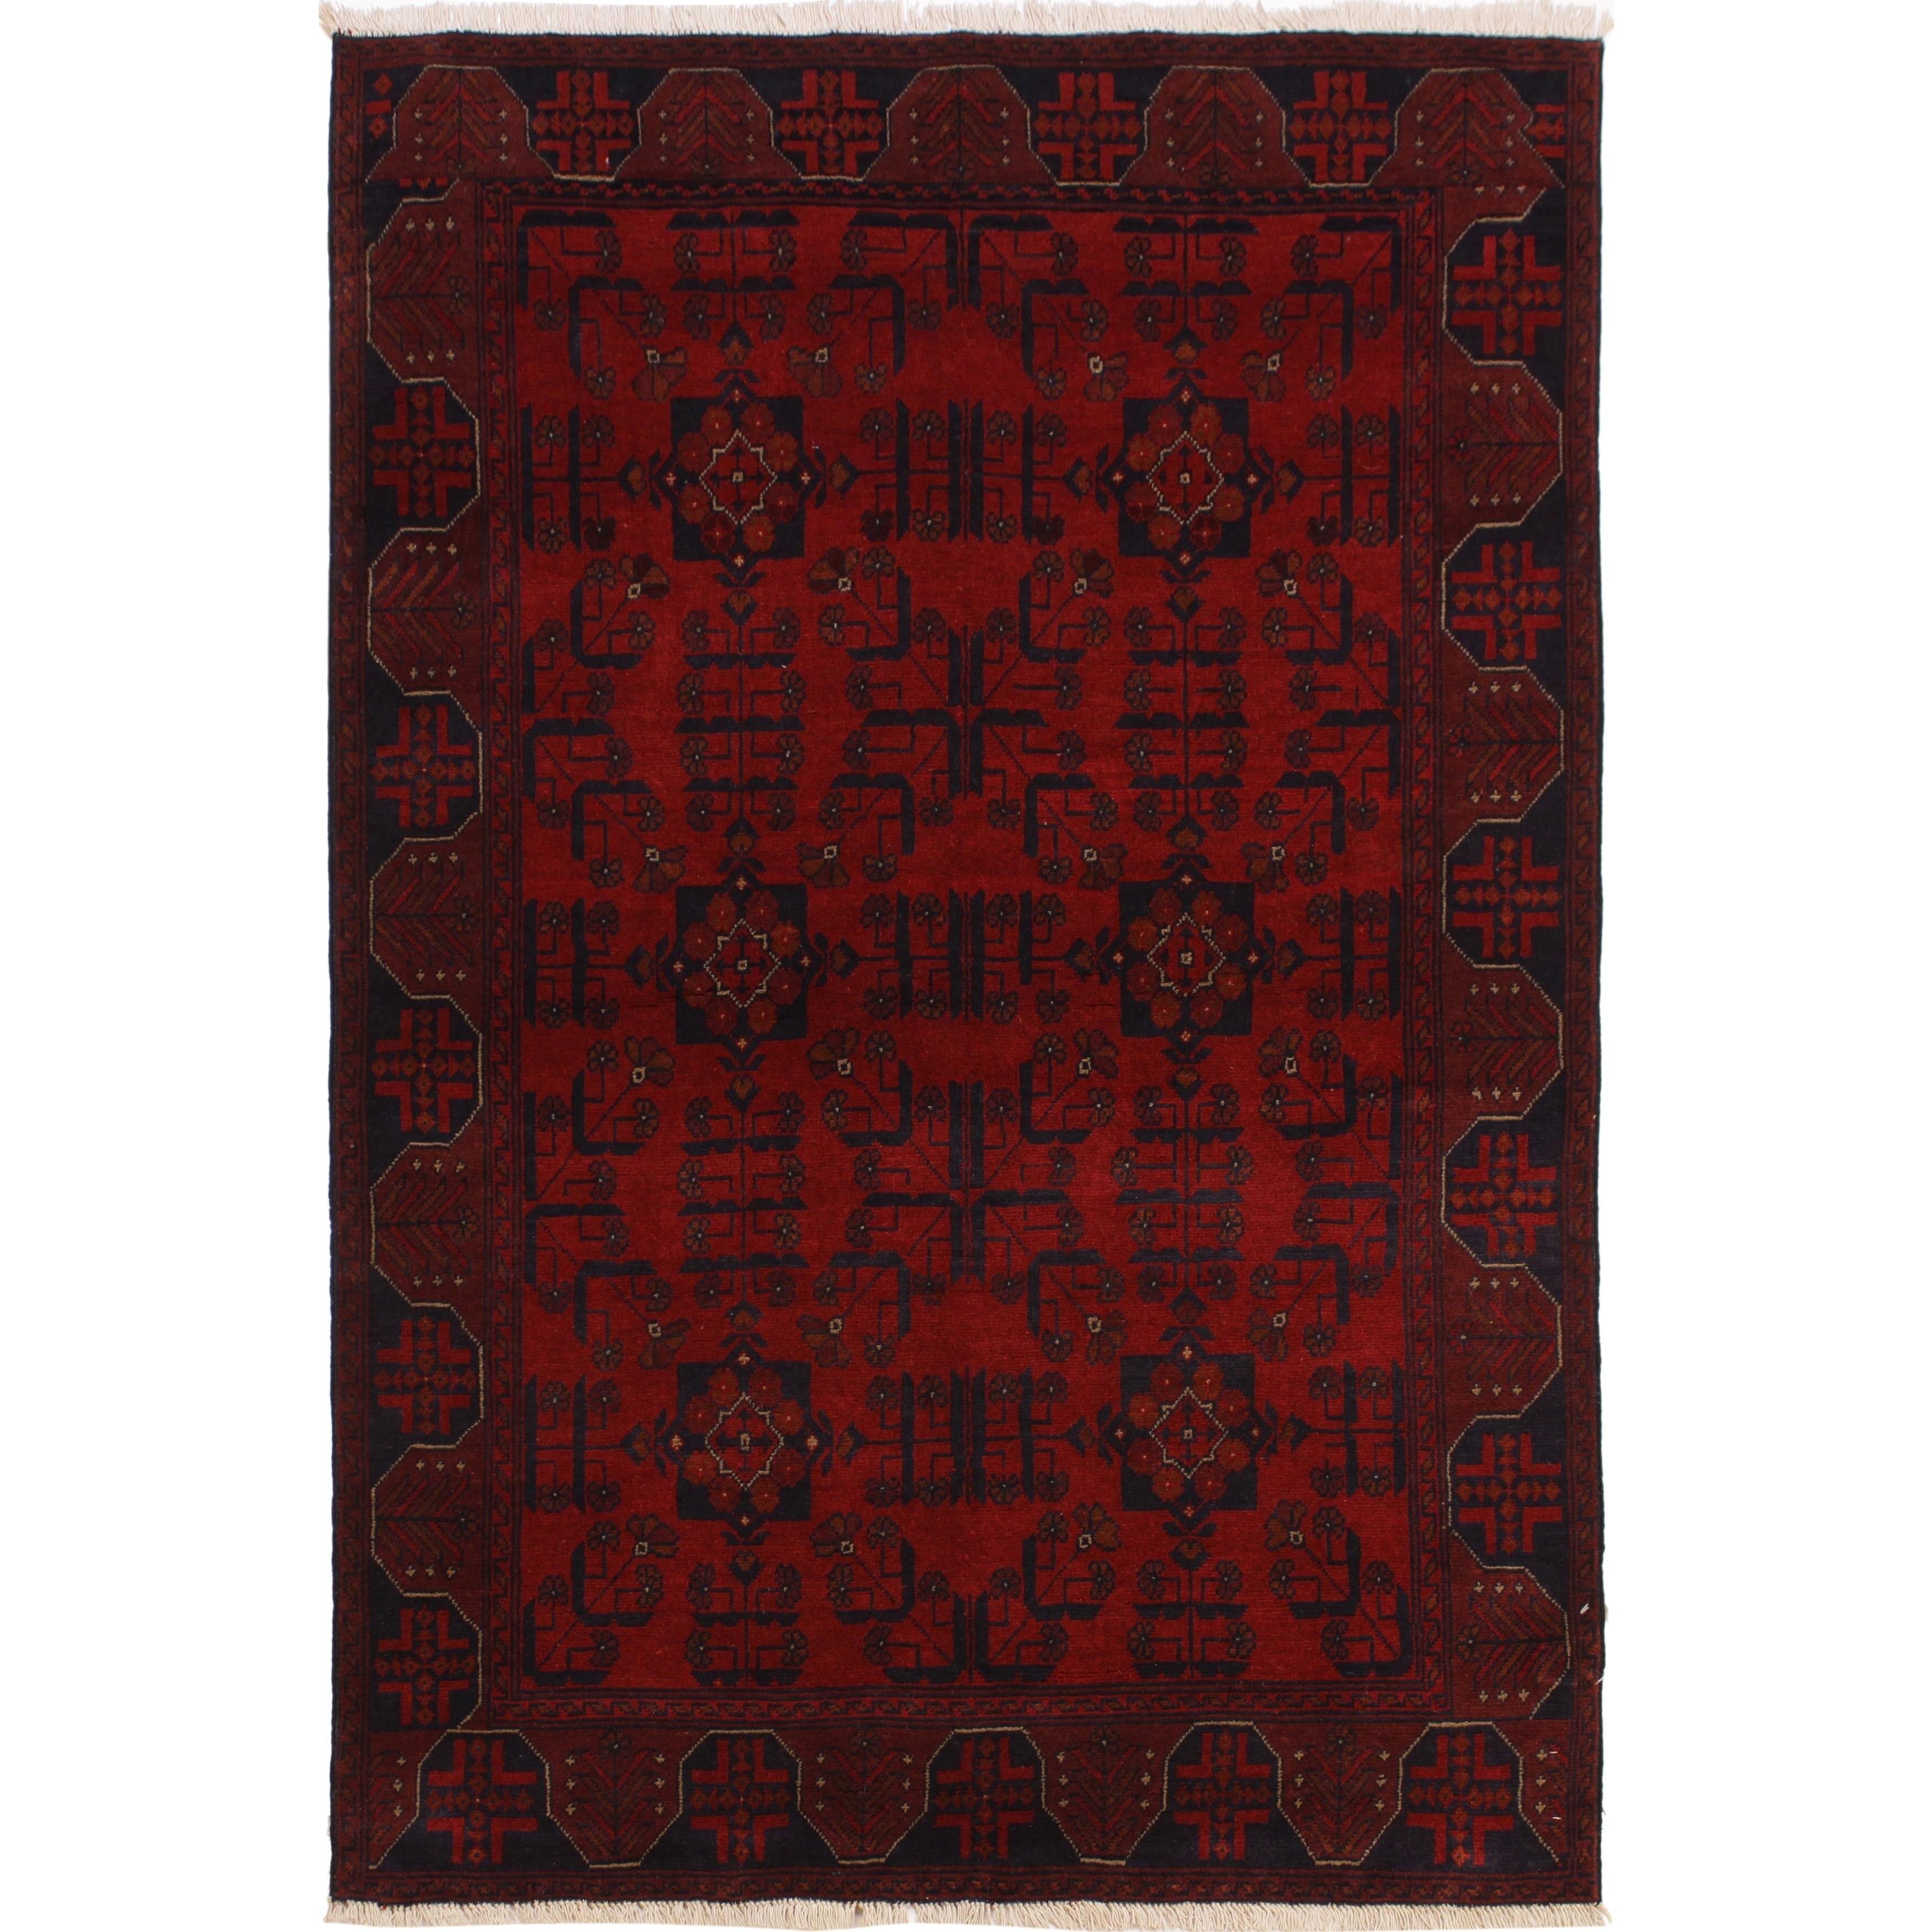 Khal I Bertie Drk Red Black Wool Rug 4 3 X 6 Ft In